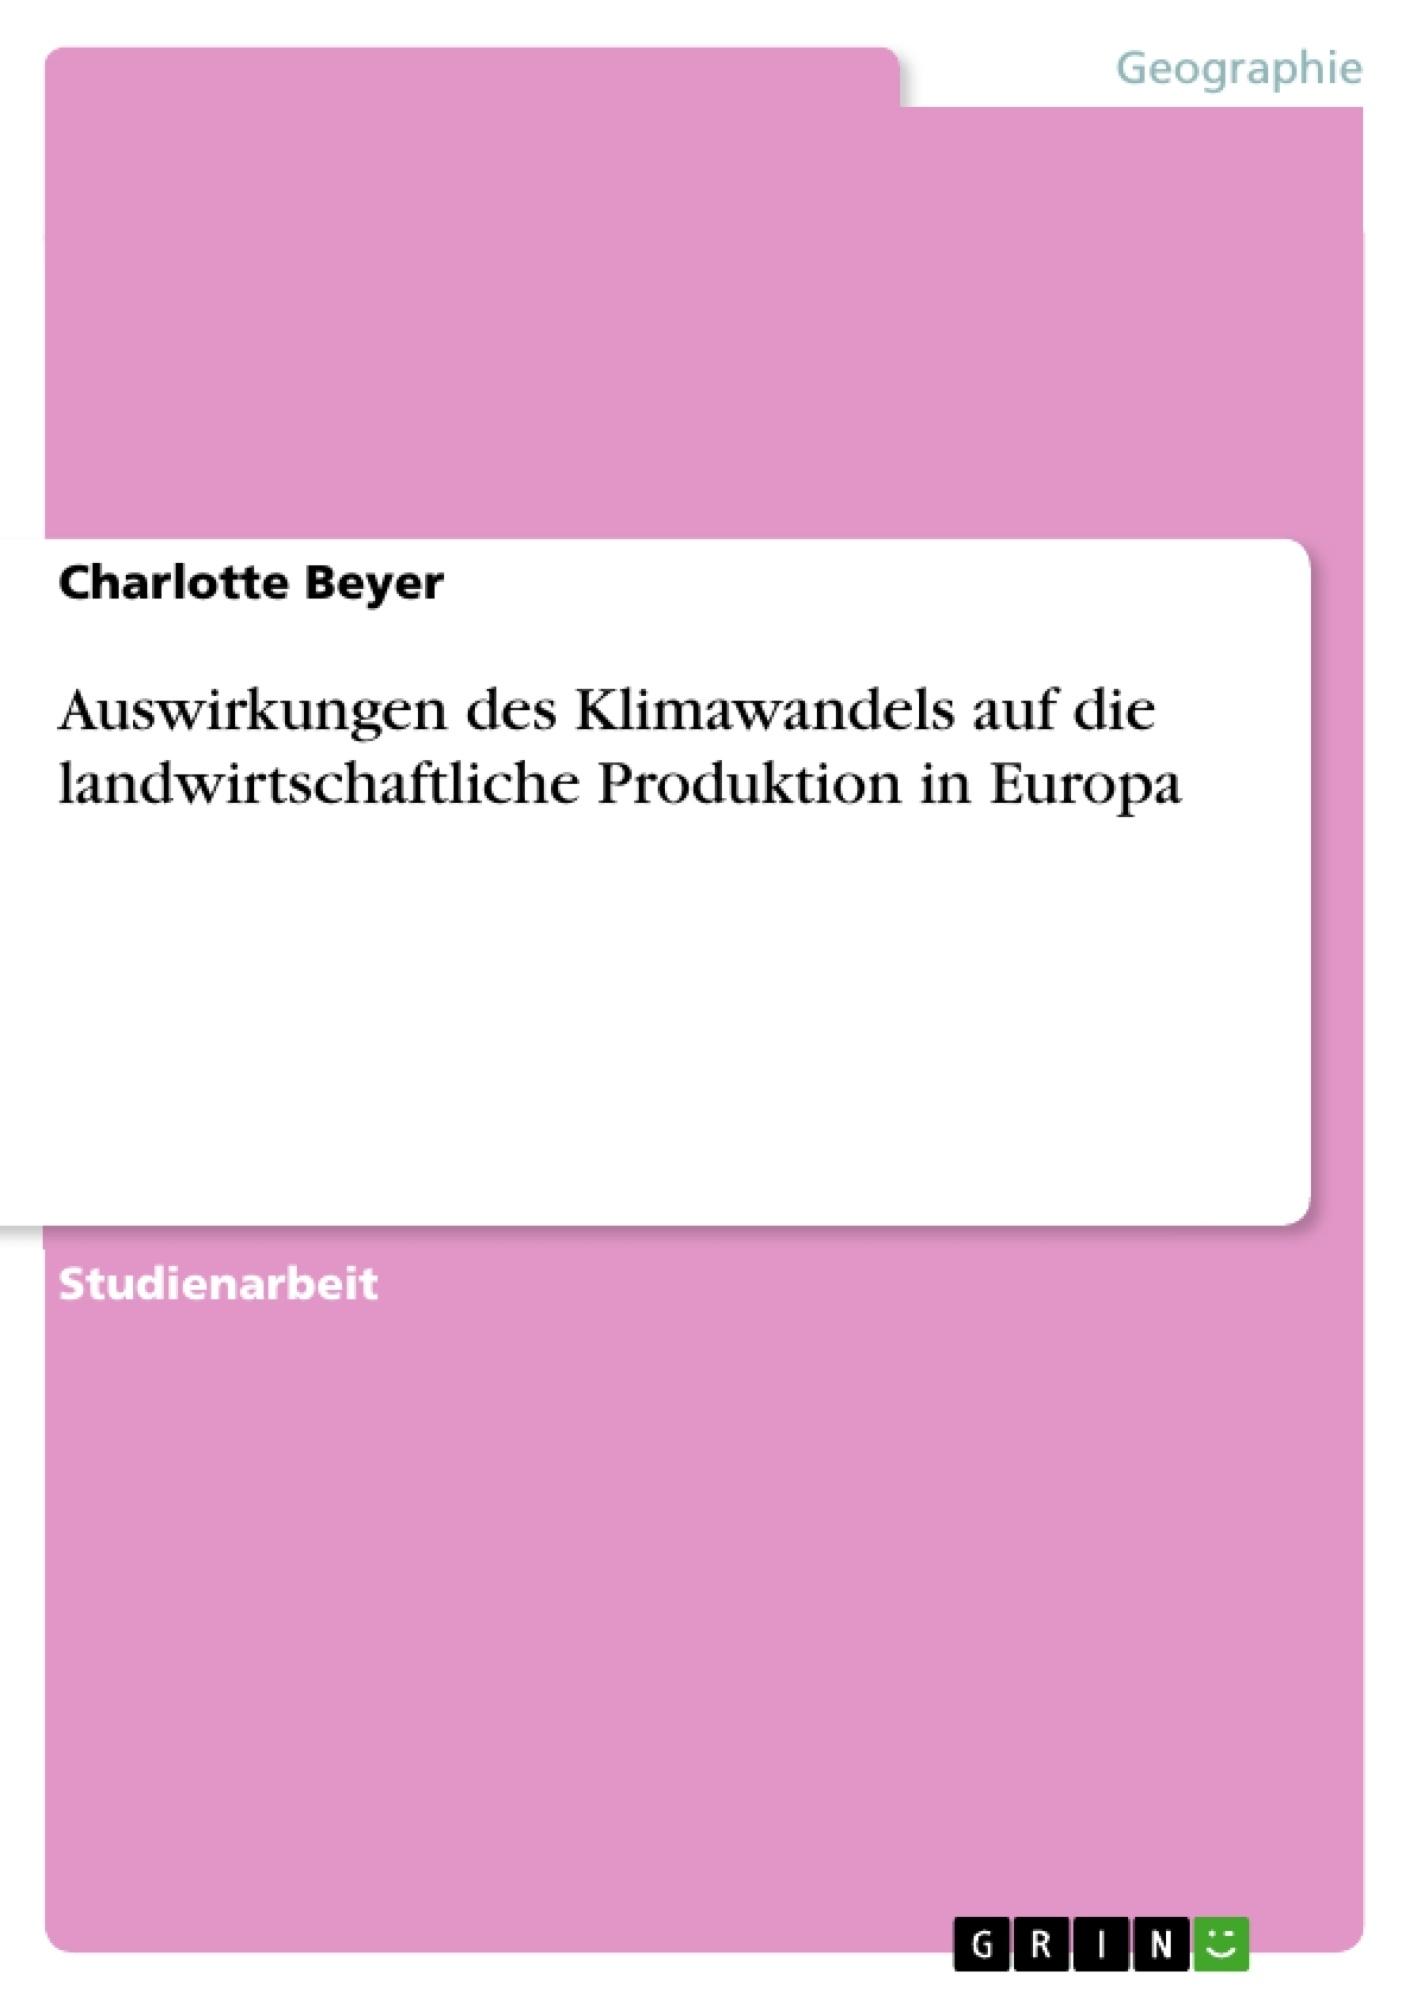 Titel: Auswirkungen des Klimawandels auf die landwirtschaftliche Produktion in Europa